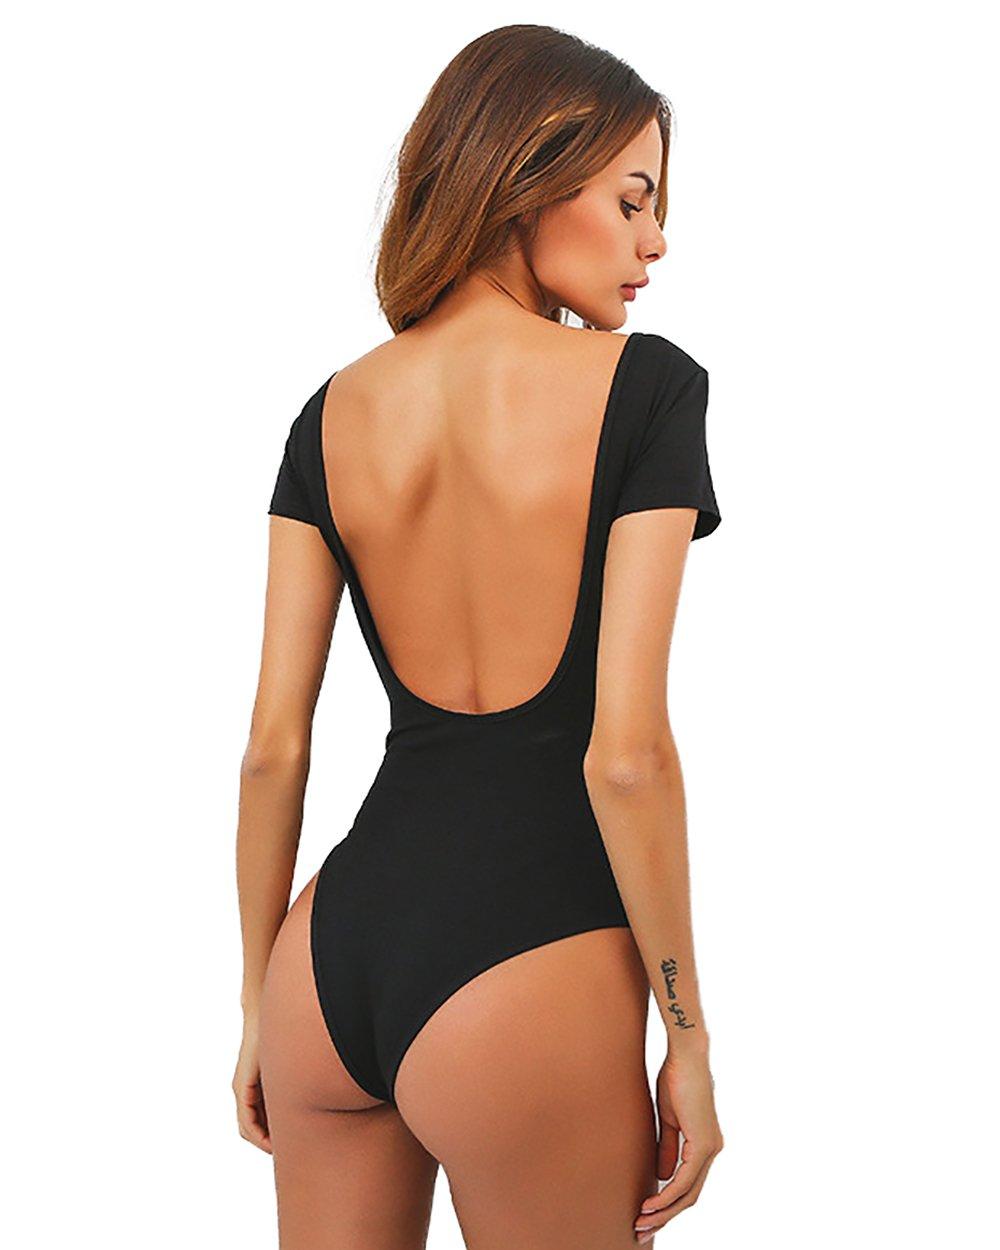 gagaopt Women Sexy Backless Thong Bodysuit One Piece Cotton Leotard Short Sleeve 61eeBM9zufL